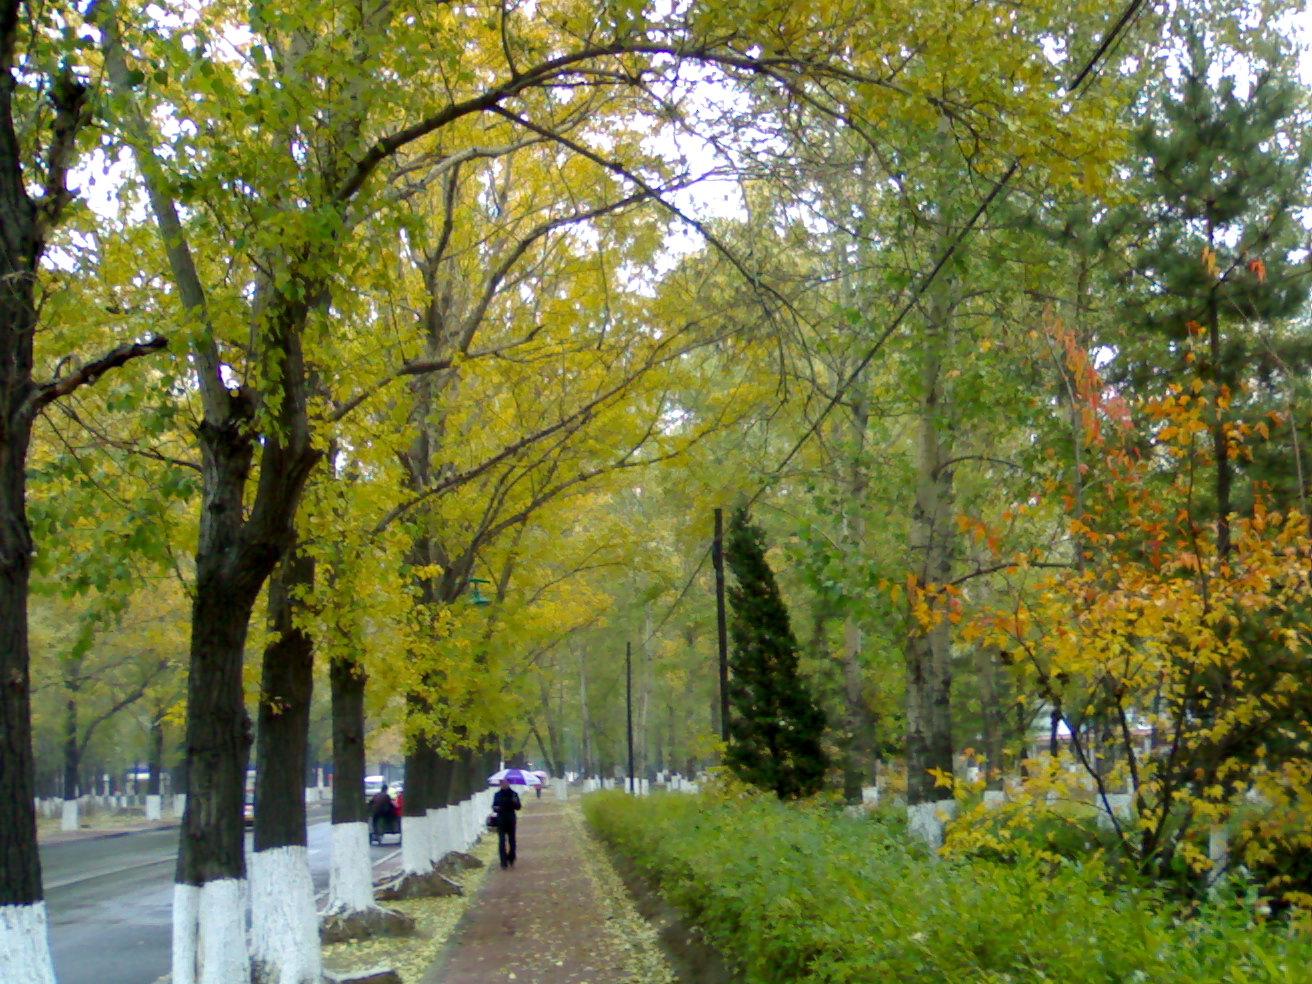 2010年10月11日 - 芬芬 - 小法岱特